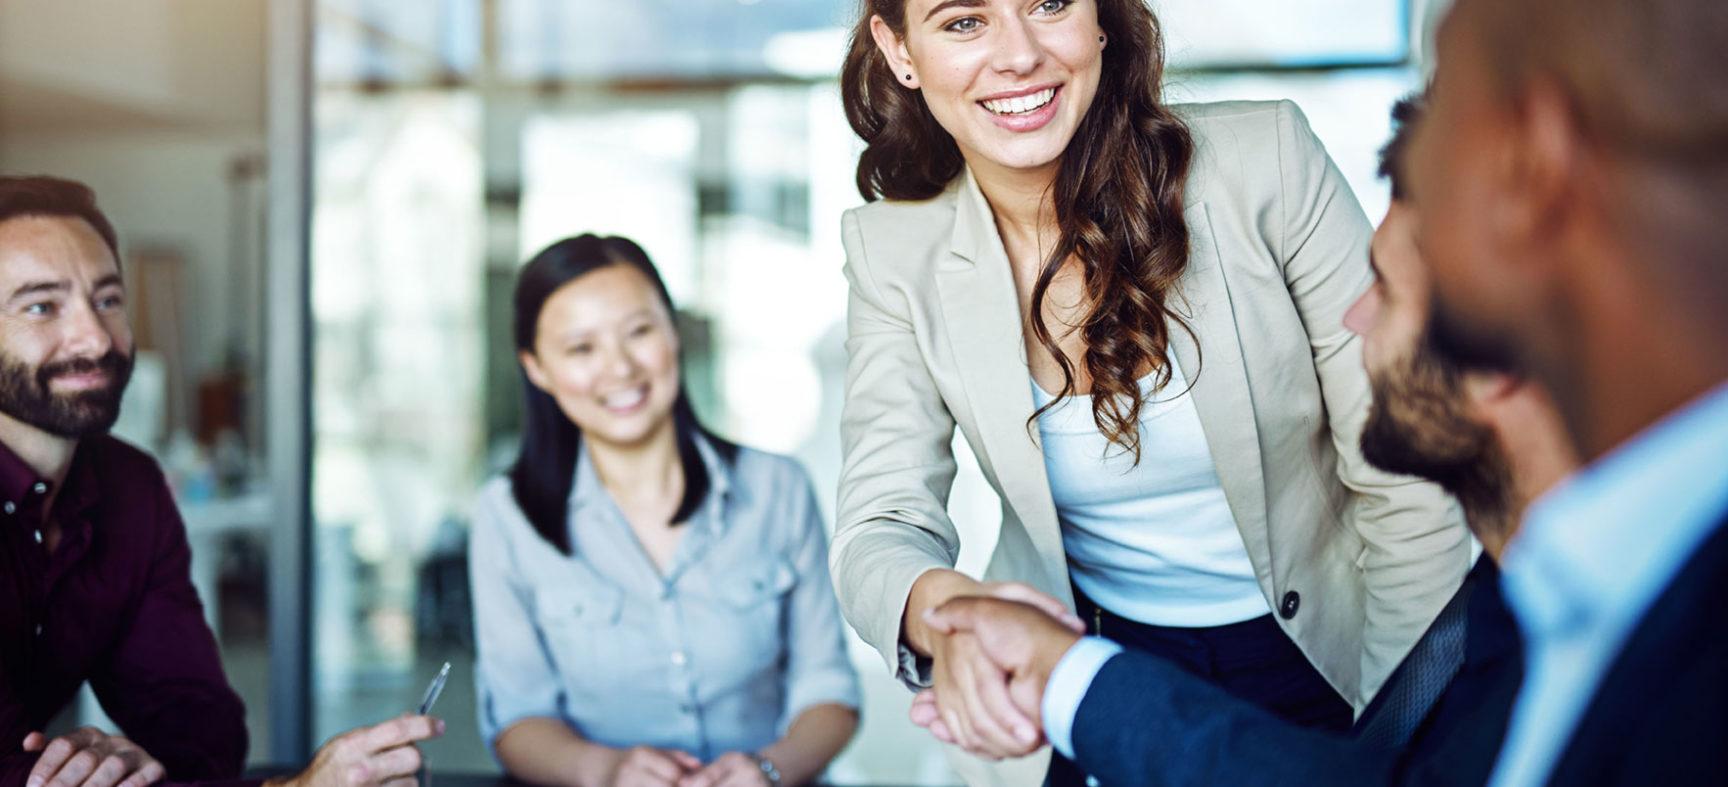 Benefits Of Employment Assist Programmes (EAP)